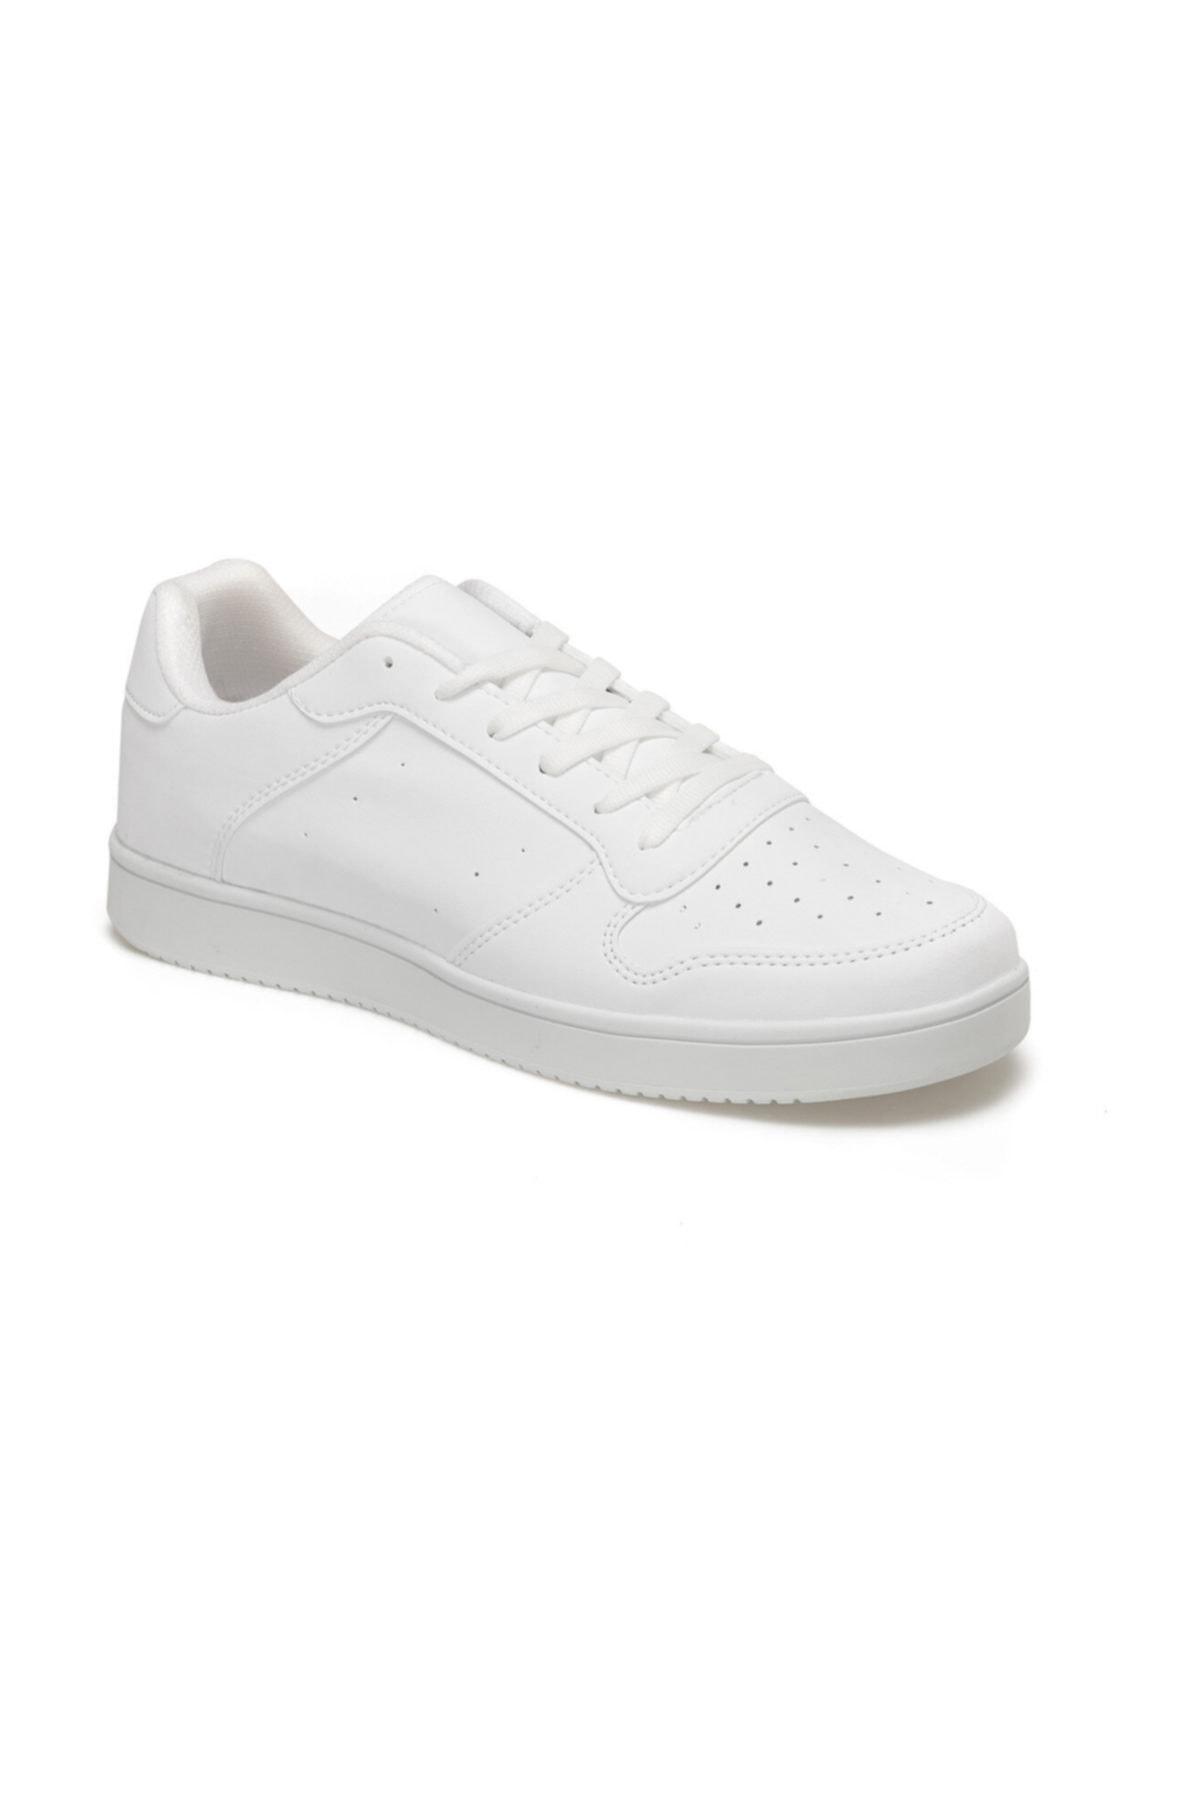 Torex FOREST Beyaz Erkek Sneaker Ayakkabı 100519716 1